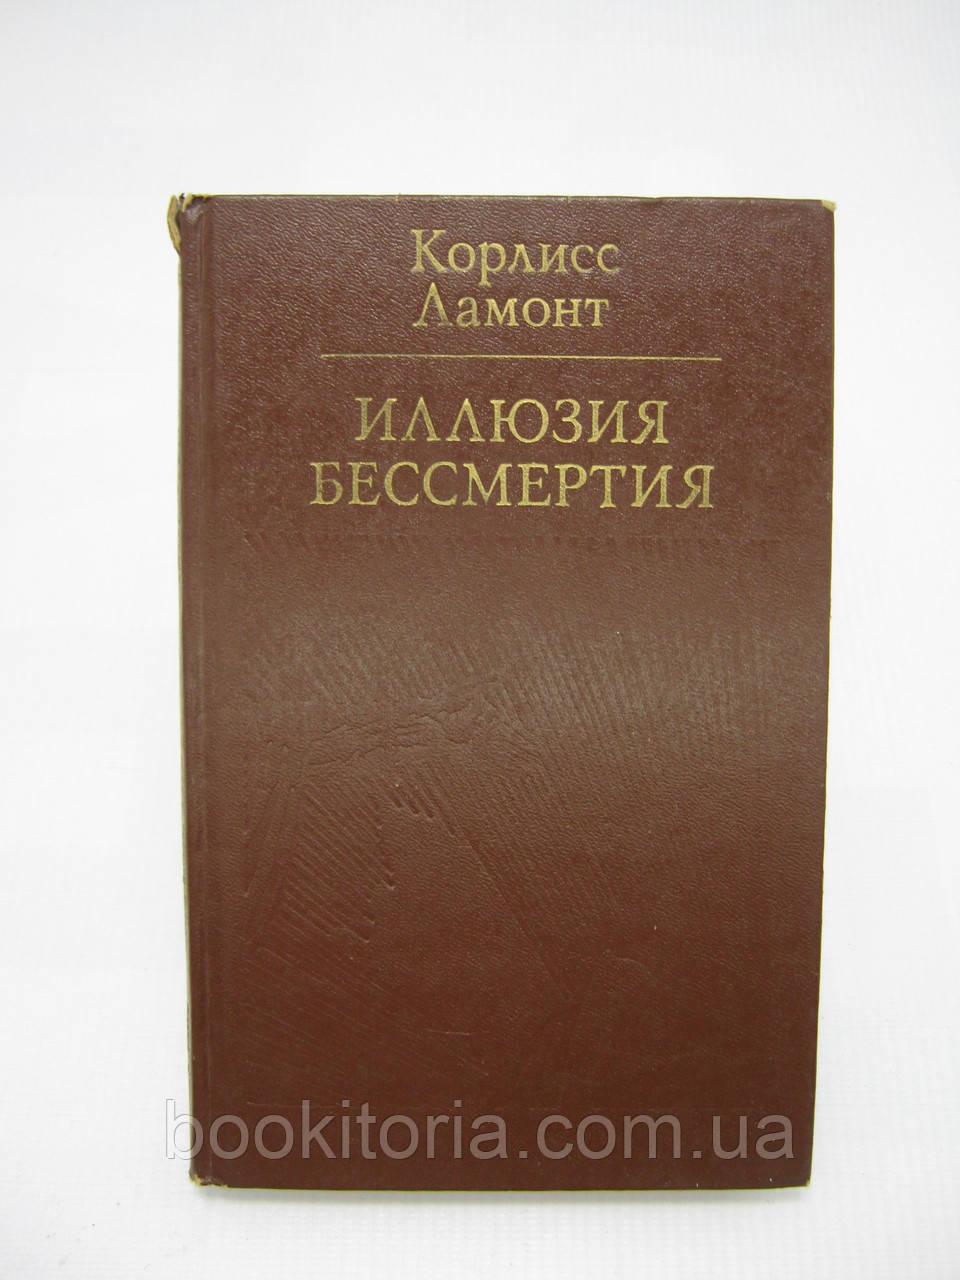 Ламонт К. Иллюзия бессмертия (б/у).